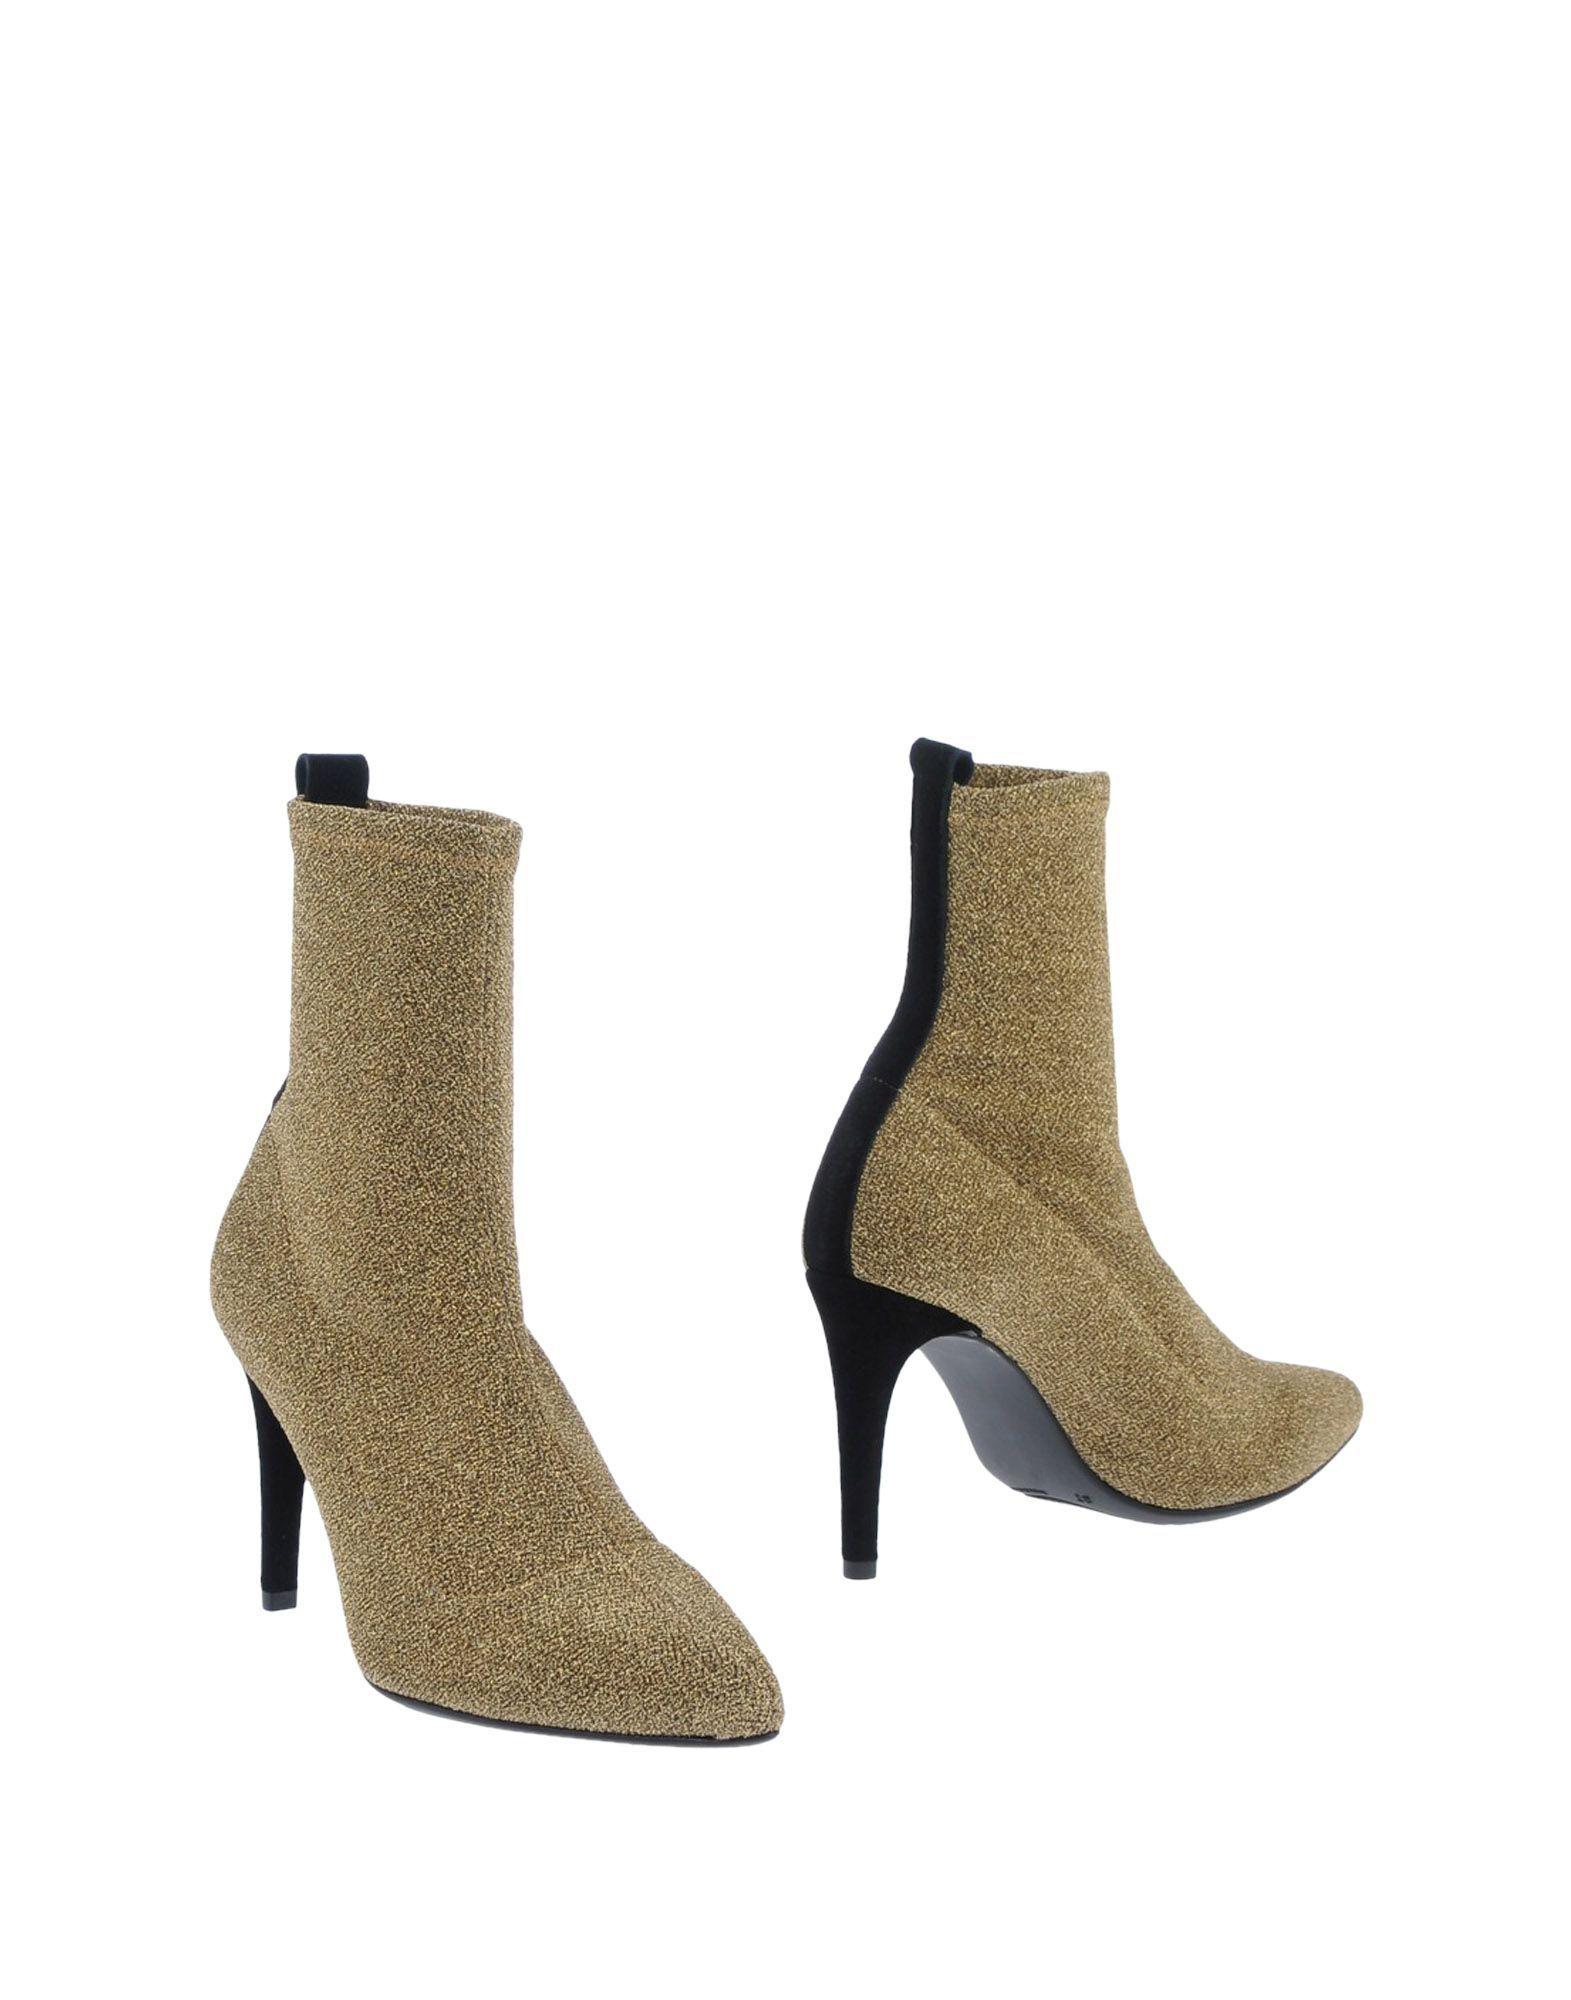 Ancarani Women's Ankle Boots Gold Textile Fibres